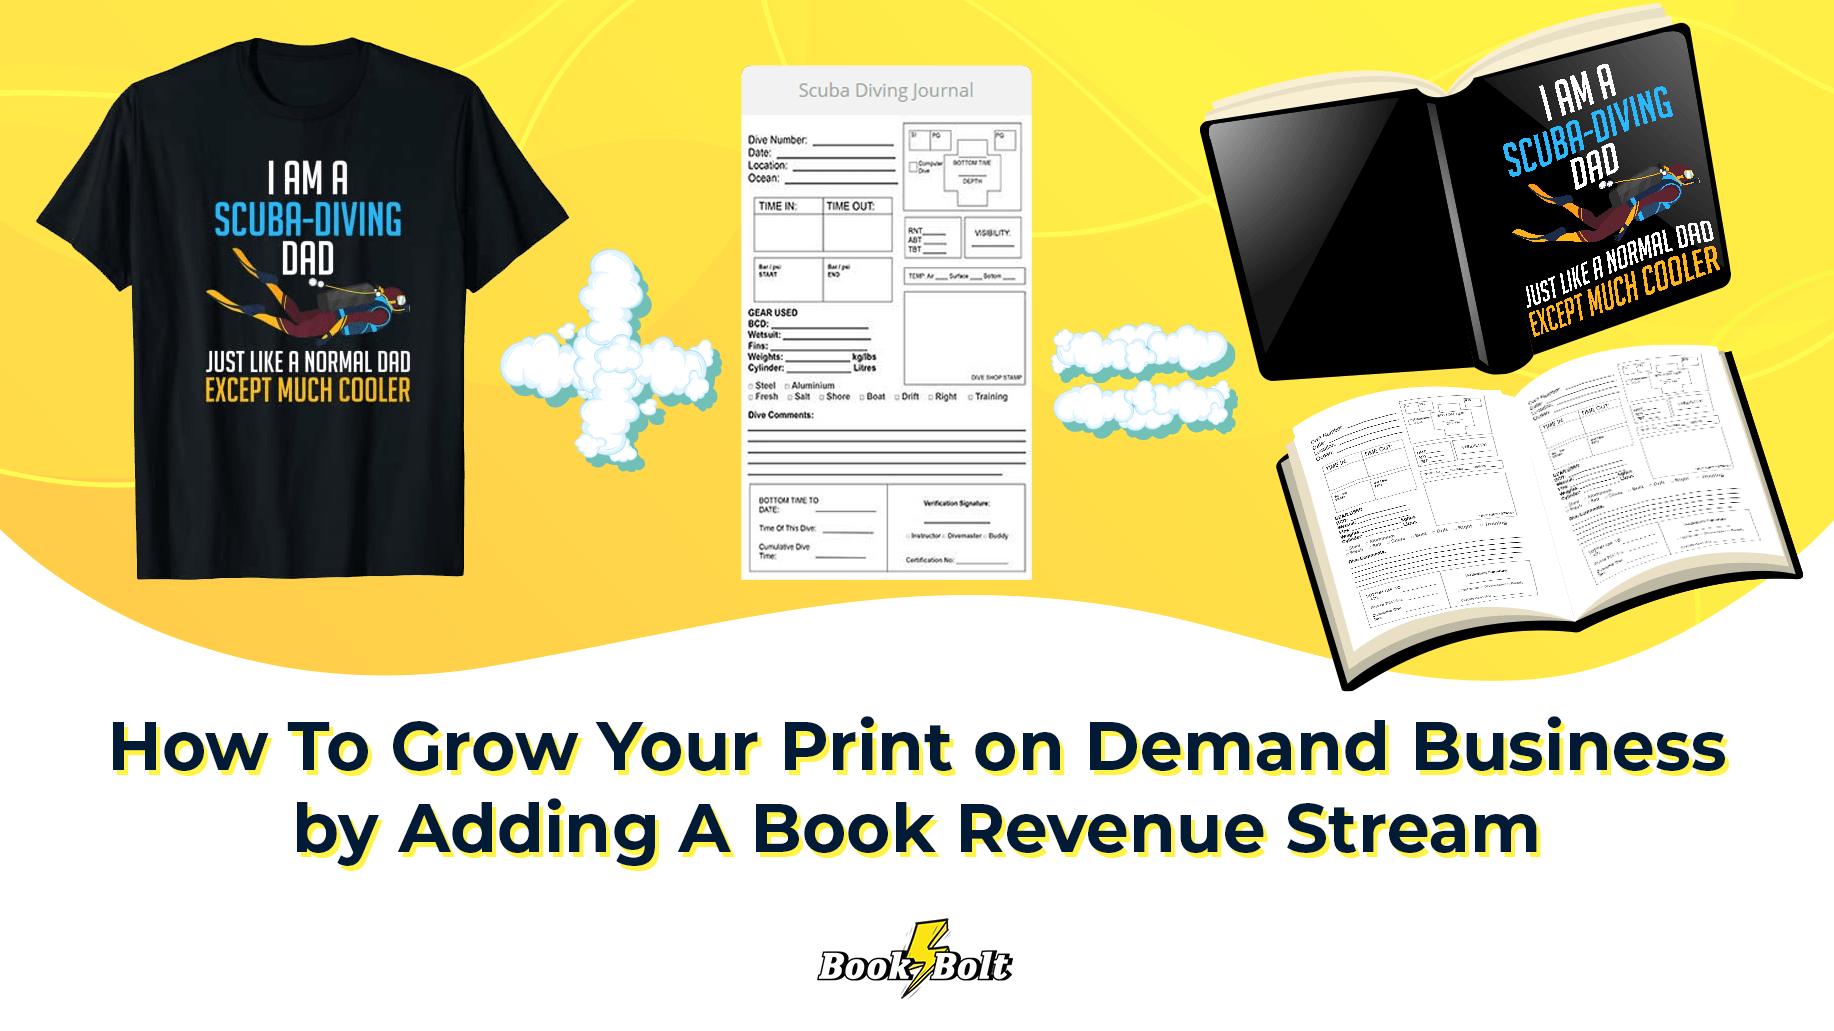 Book Bolt Print on Demand Business